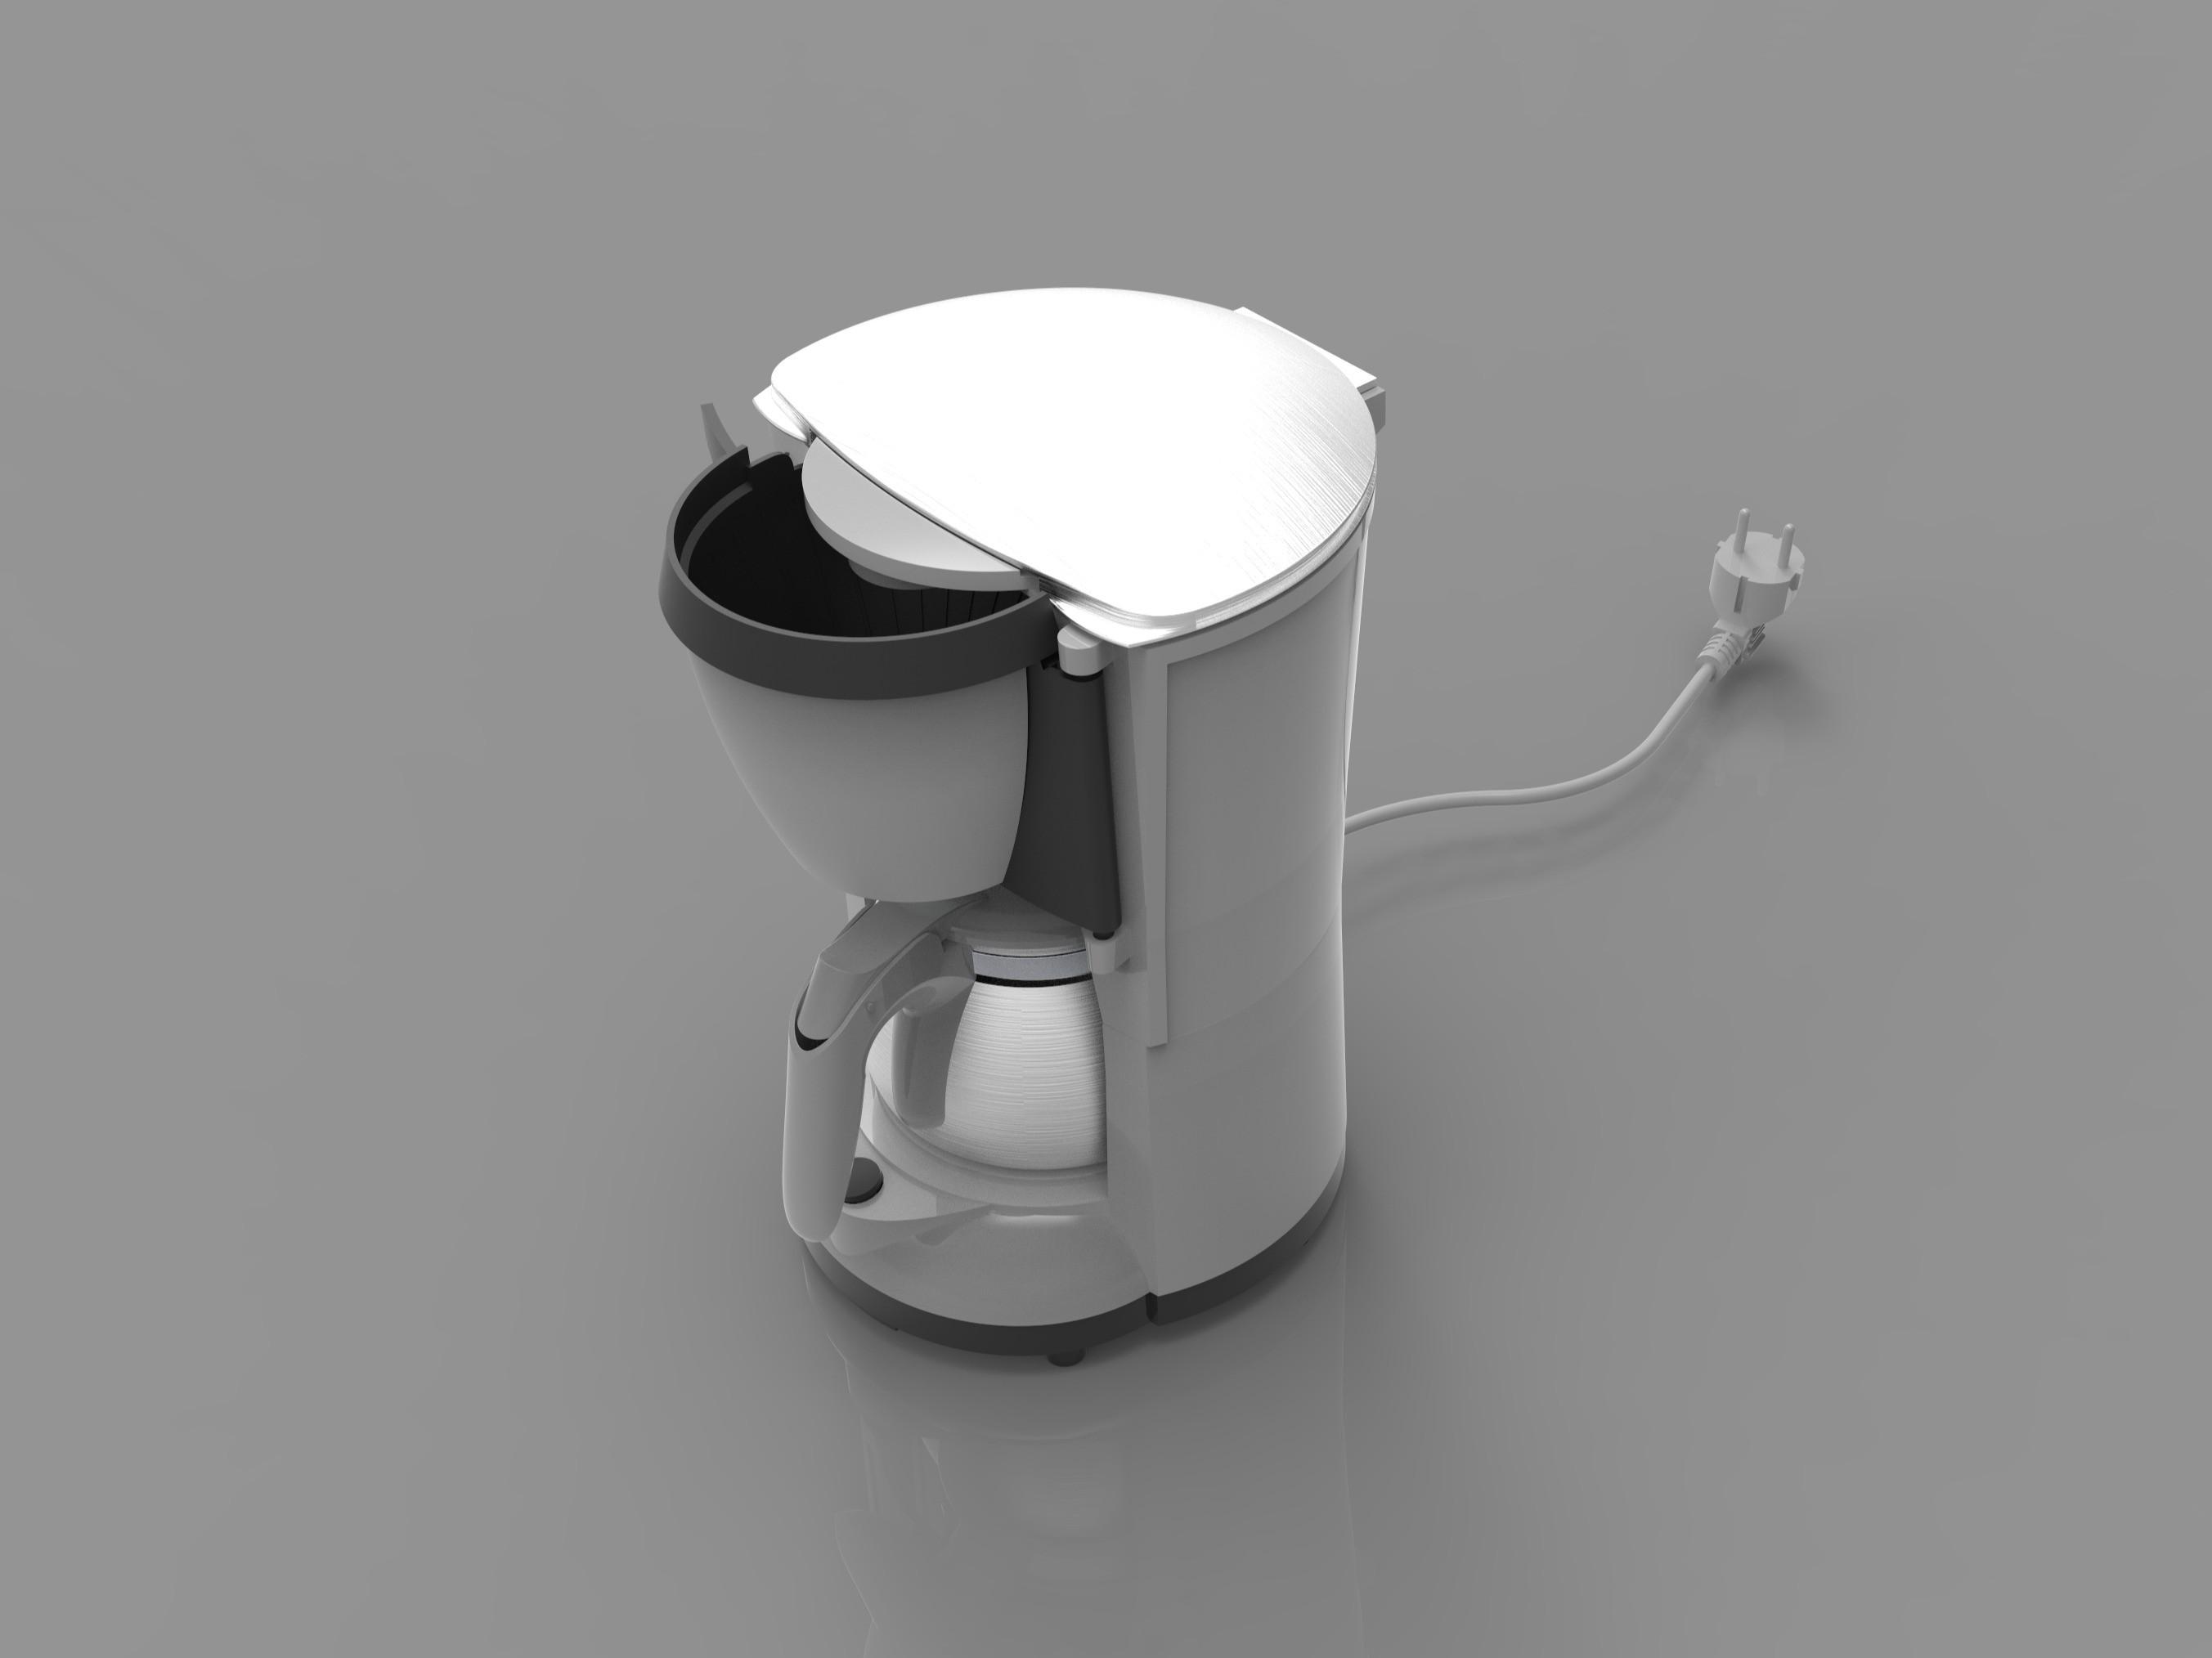 현직 제품설계 디자이너가 2D, 3D모델링, 랜더링해 드립니다.